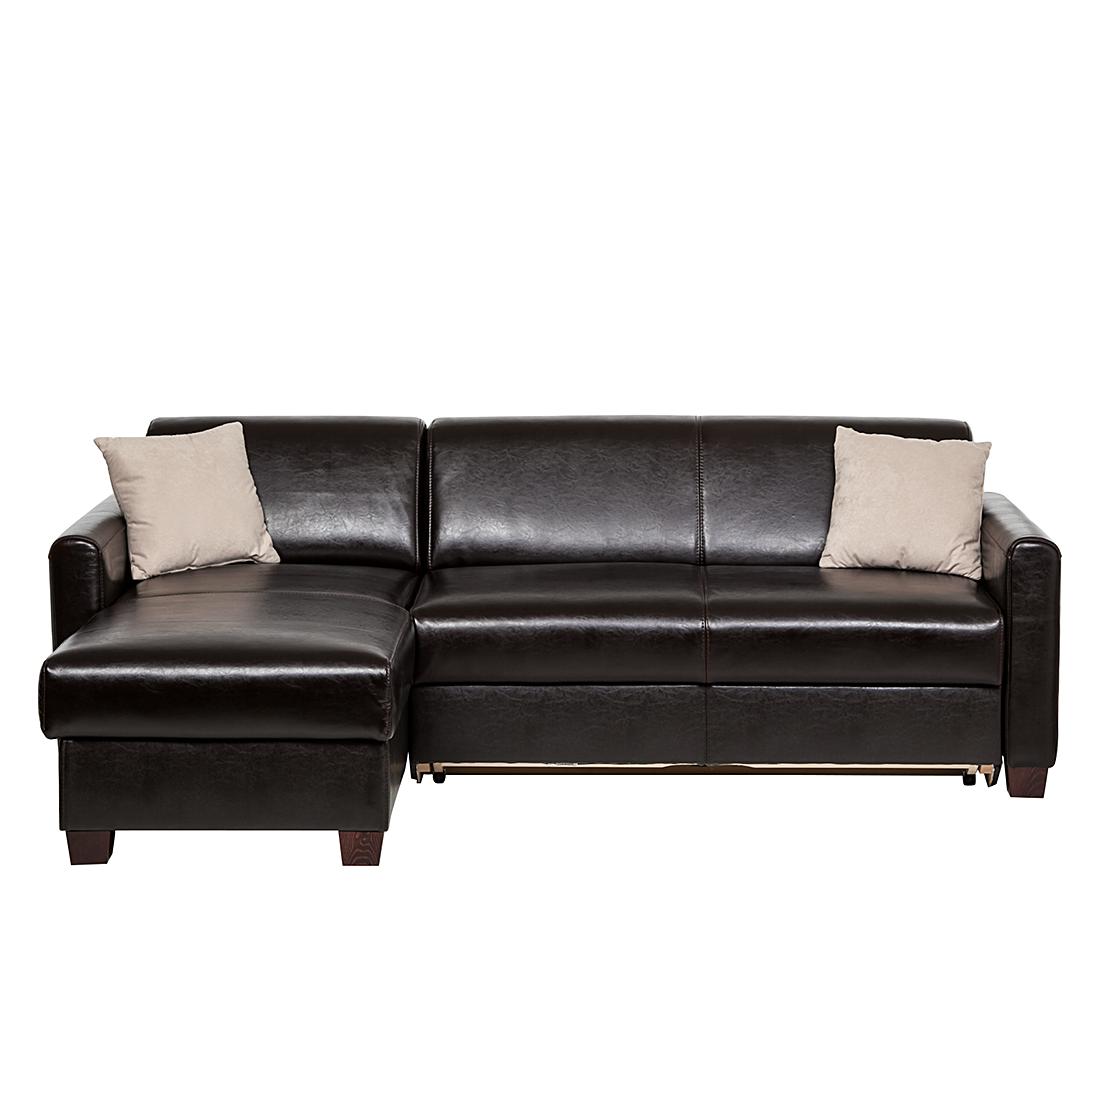 Elegant Echtleder Sofa Mit Schlaffunktion Sammlung Von Affordable Ecksofa Braun Ledersofa Eckcouch Couch Dunkelbraun